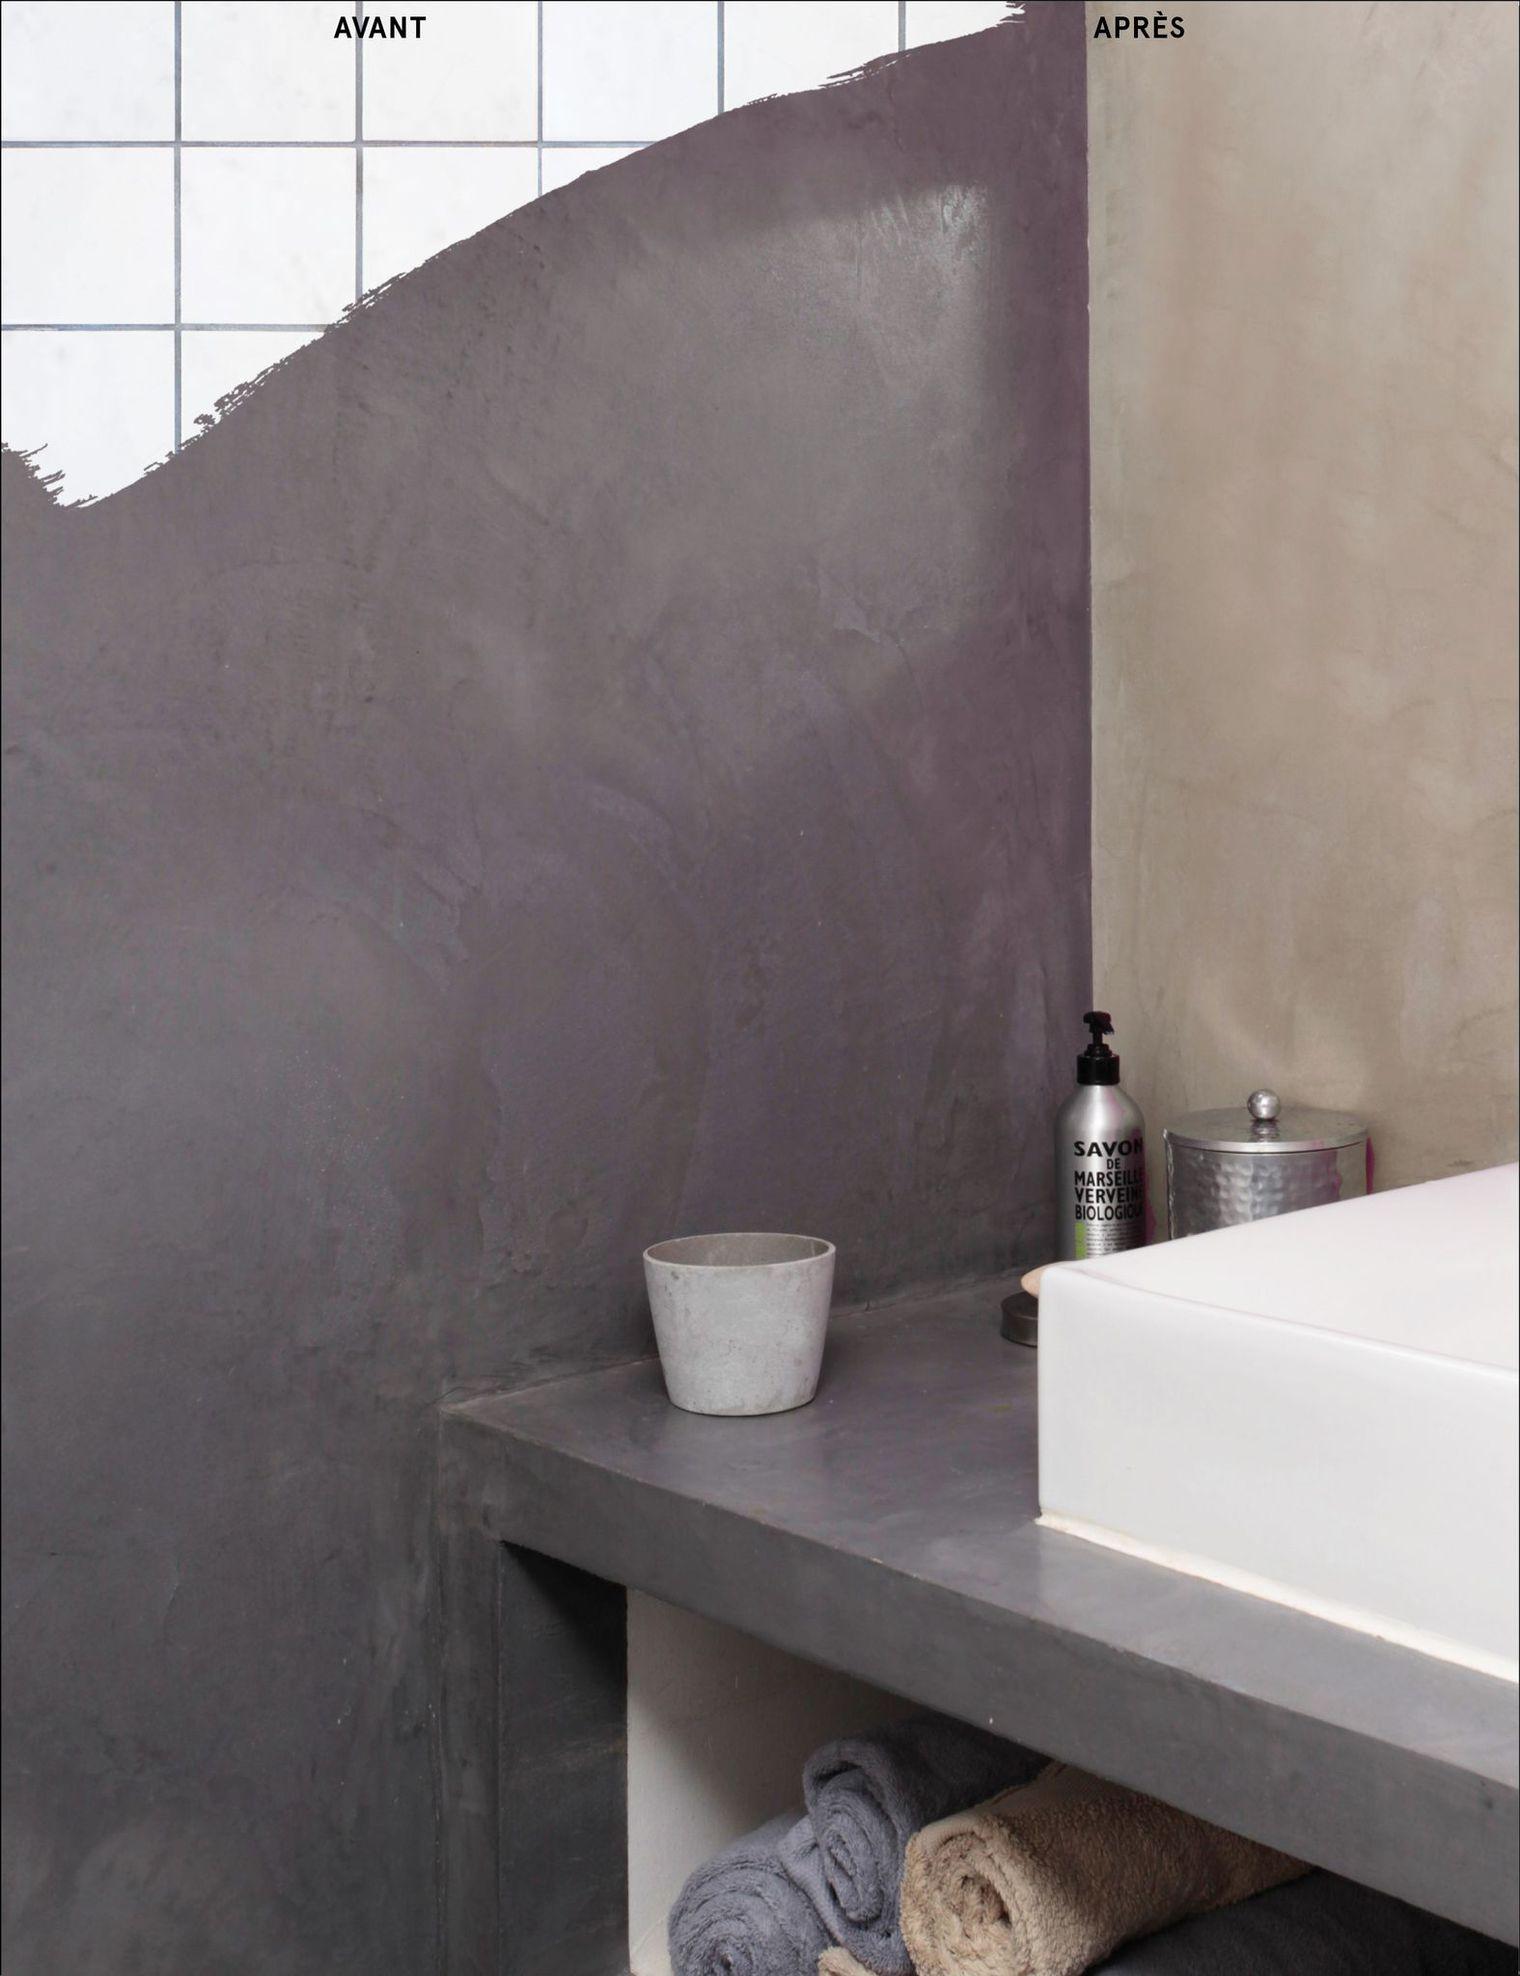 Comment repeindre un carrelage mural le blog d co - Recouvrir carrelage mural salle de bain ...